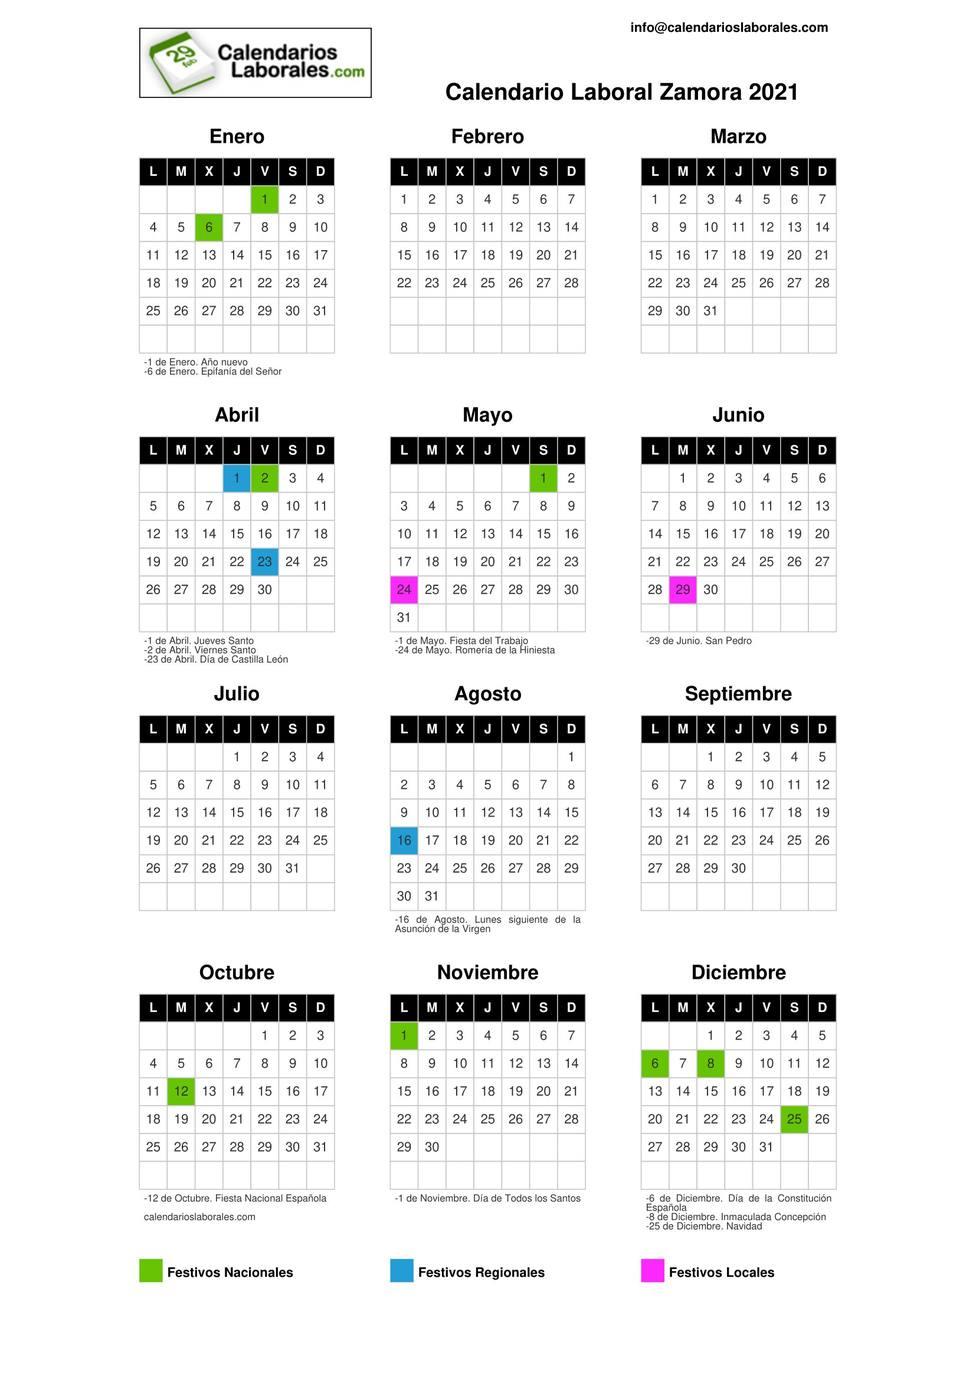 Calendario Laboral 2021 zamora